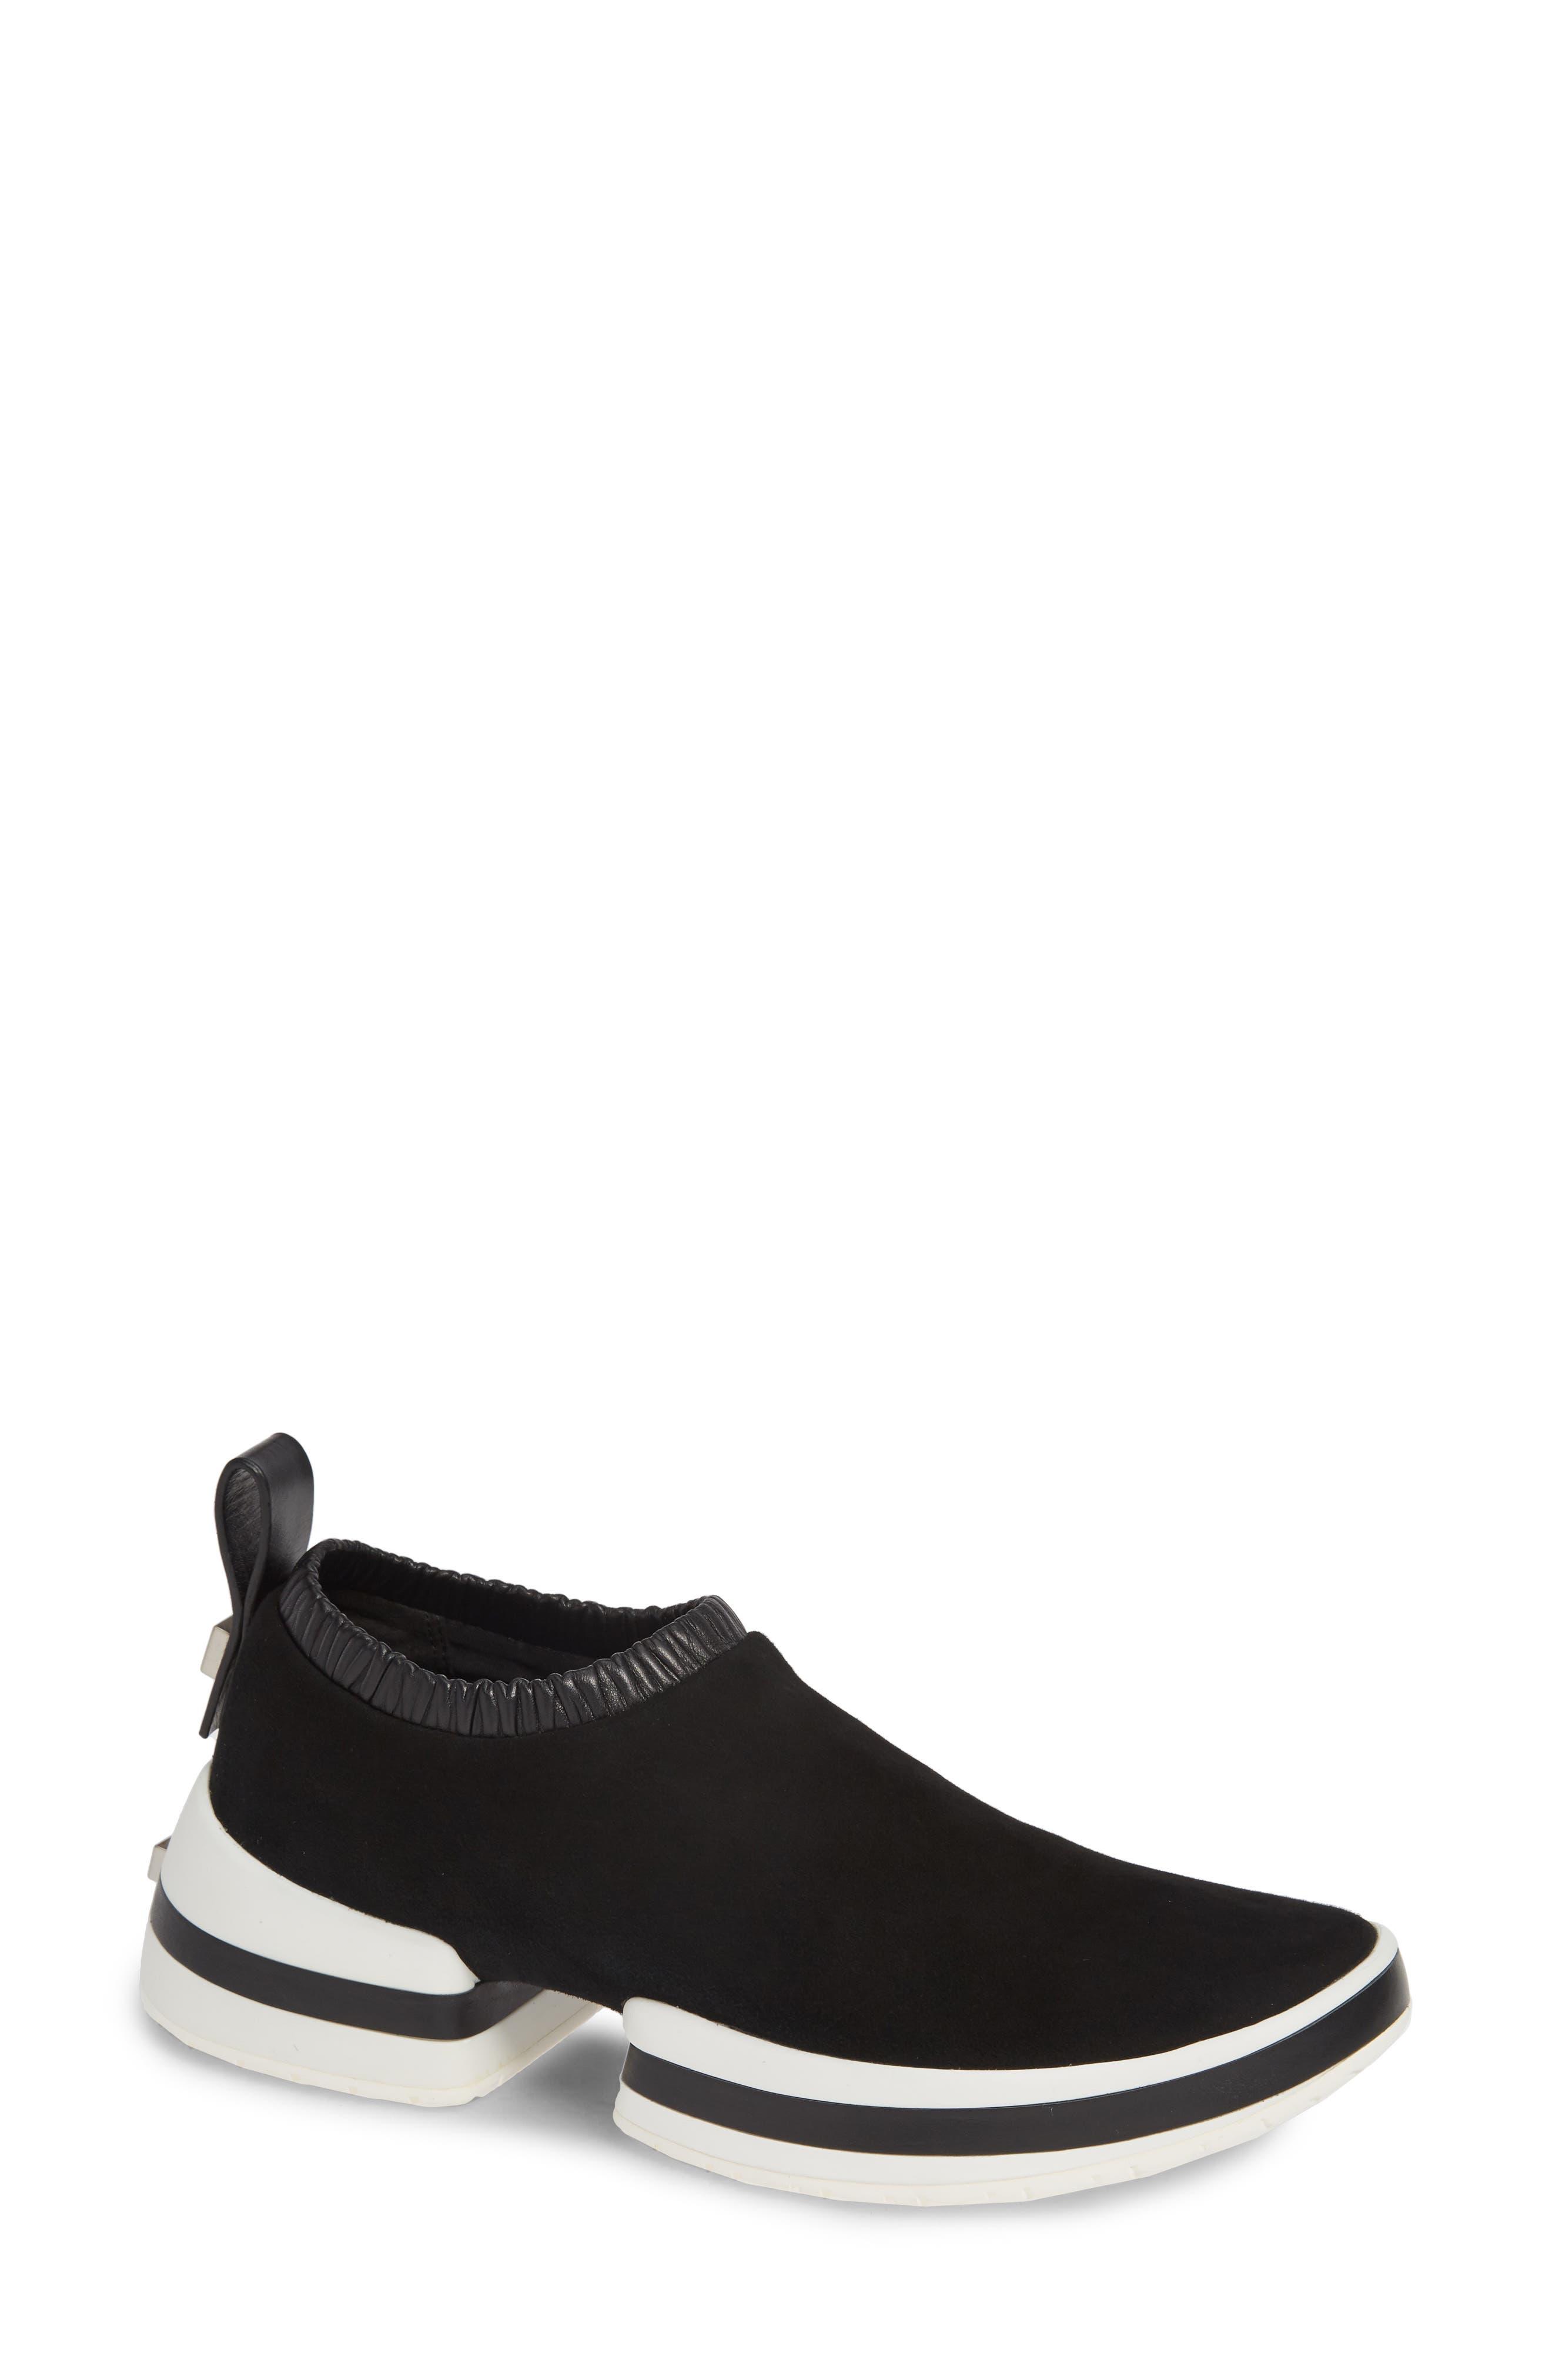 612 Sneaker,                         Main,                         color, BLACK SUEDE